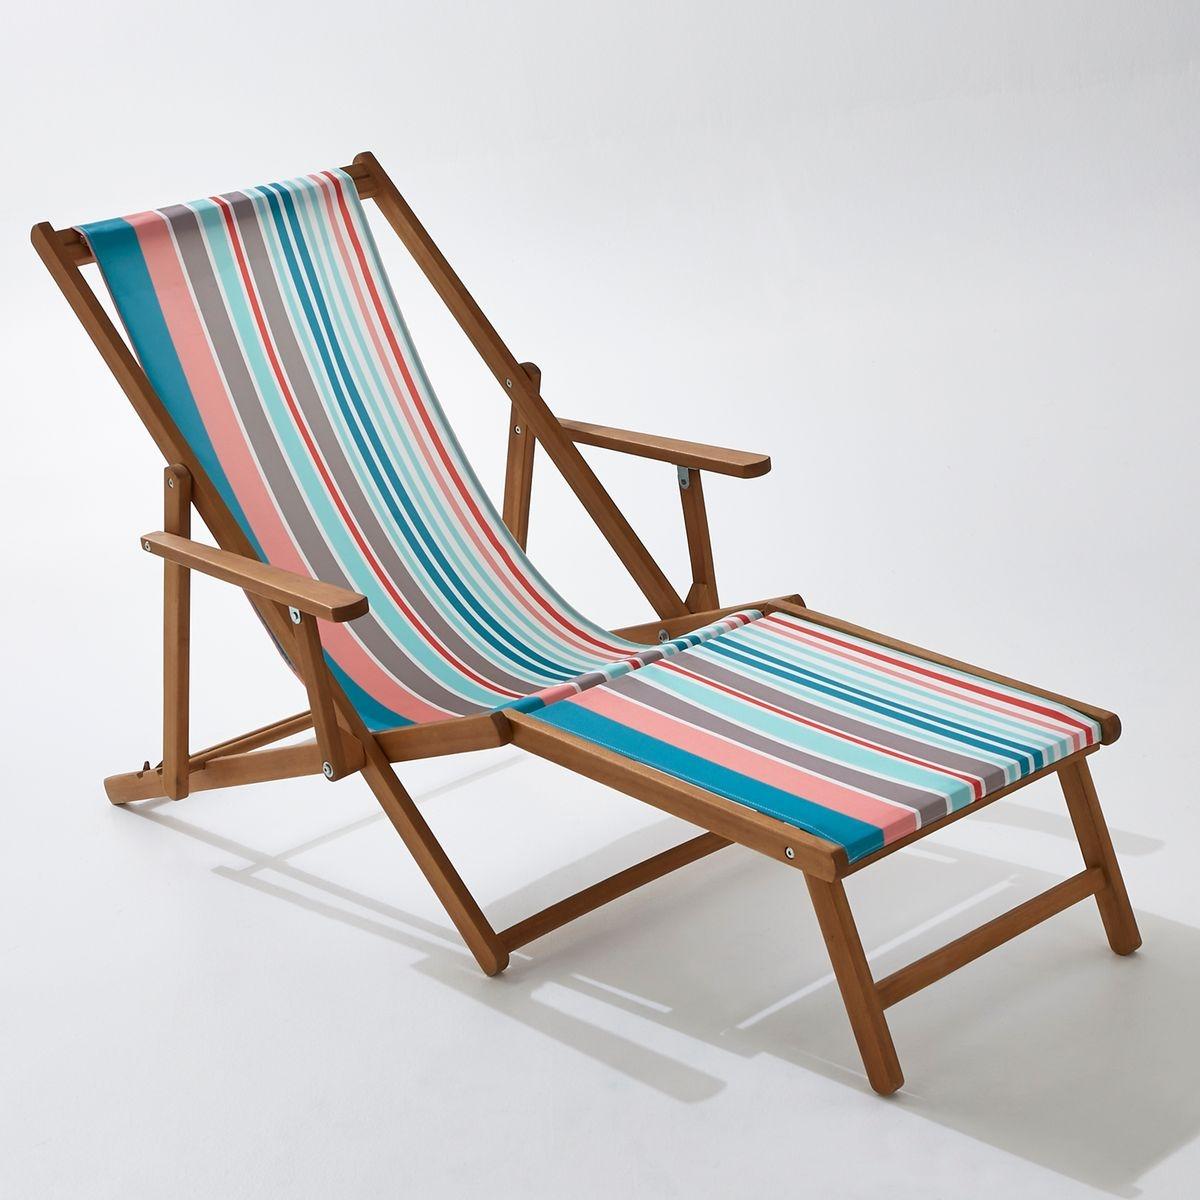 Bien choisir un transat en bois pas cher conseils et prix for Chaise longue toile bois